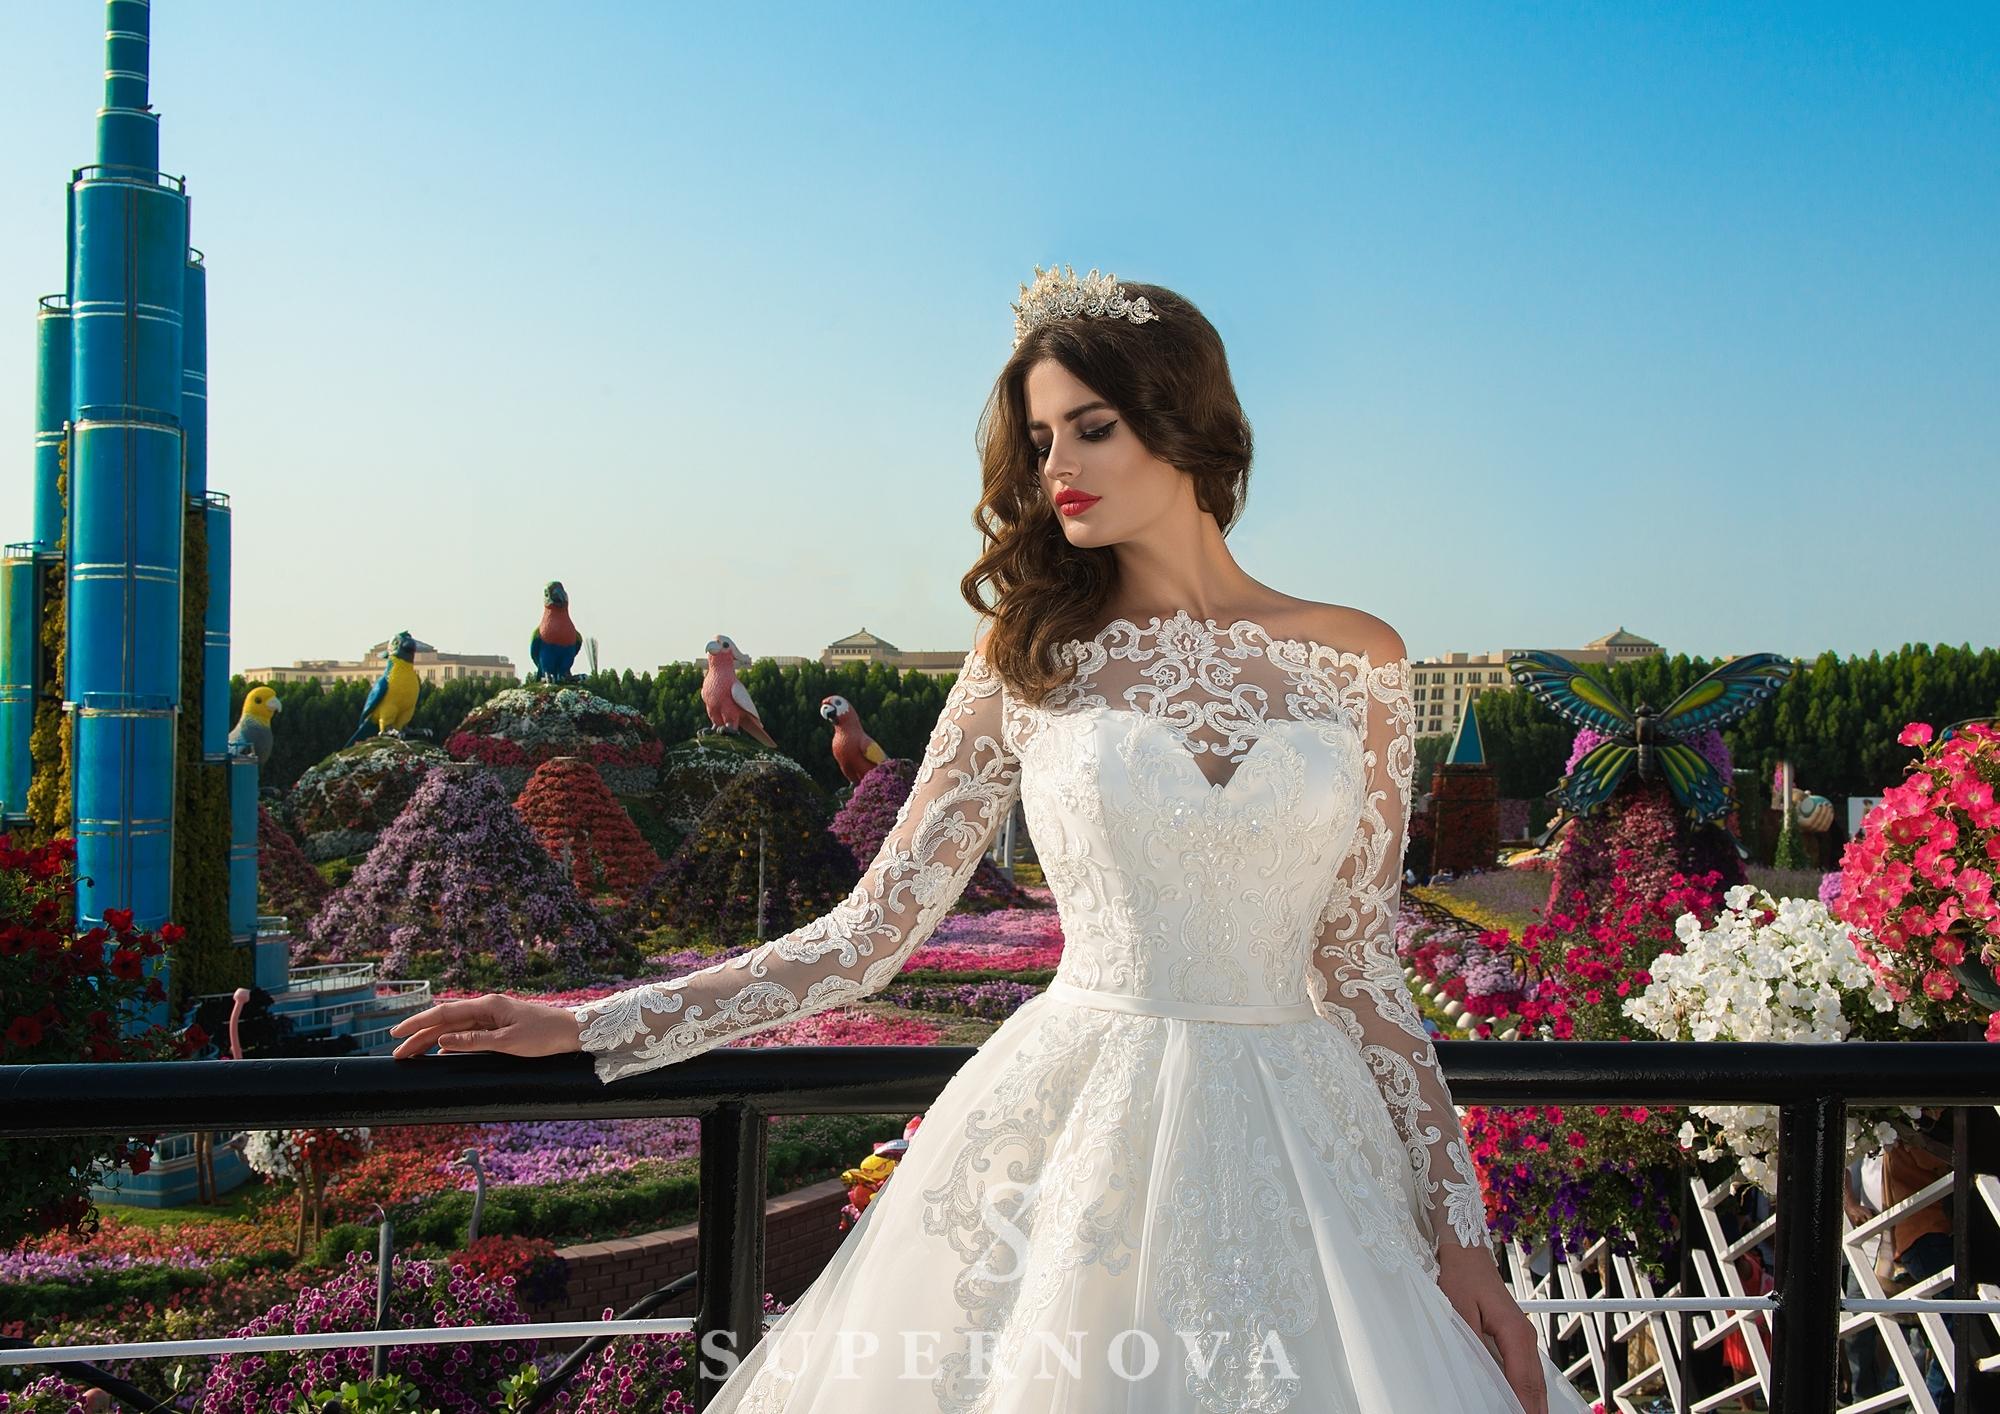 Весільна сукня з гіпюру з кордом-1